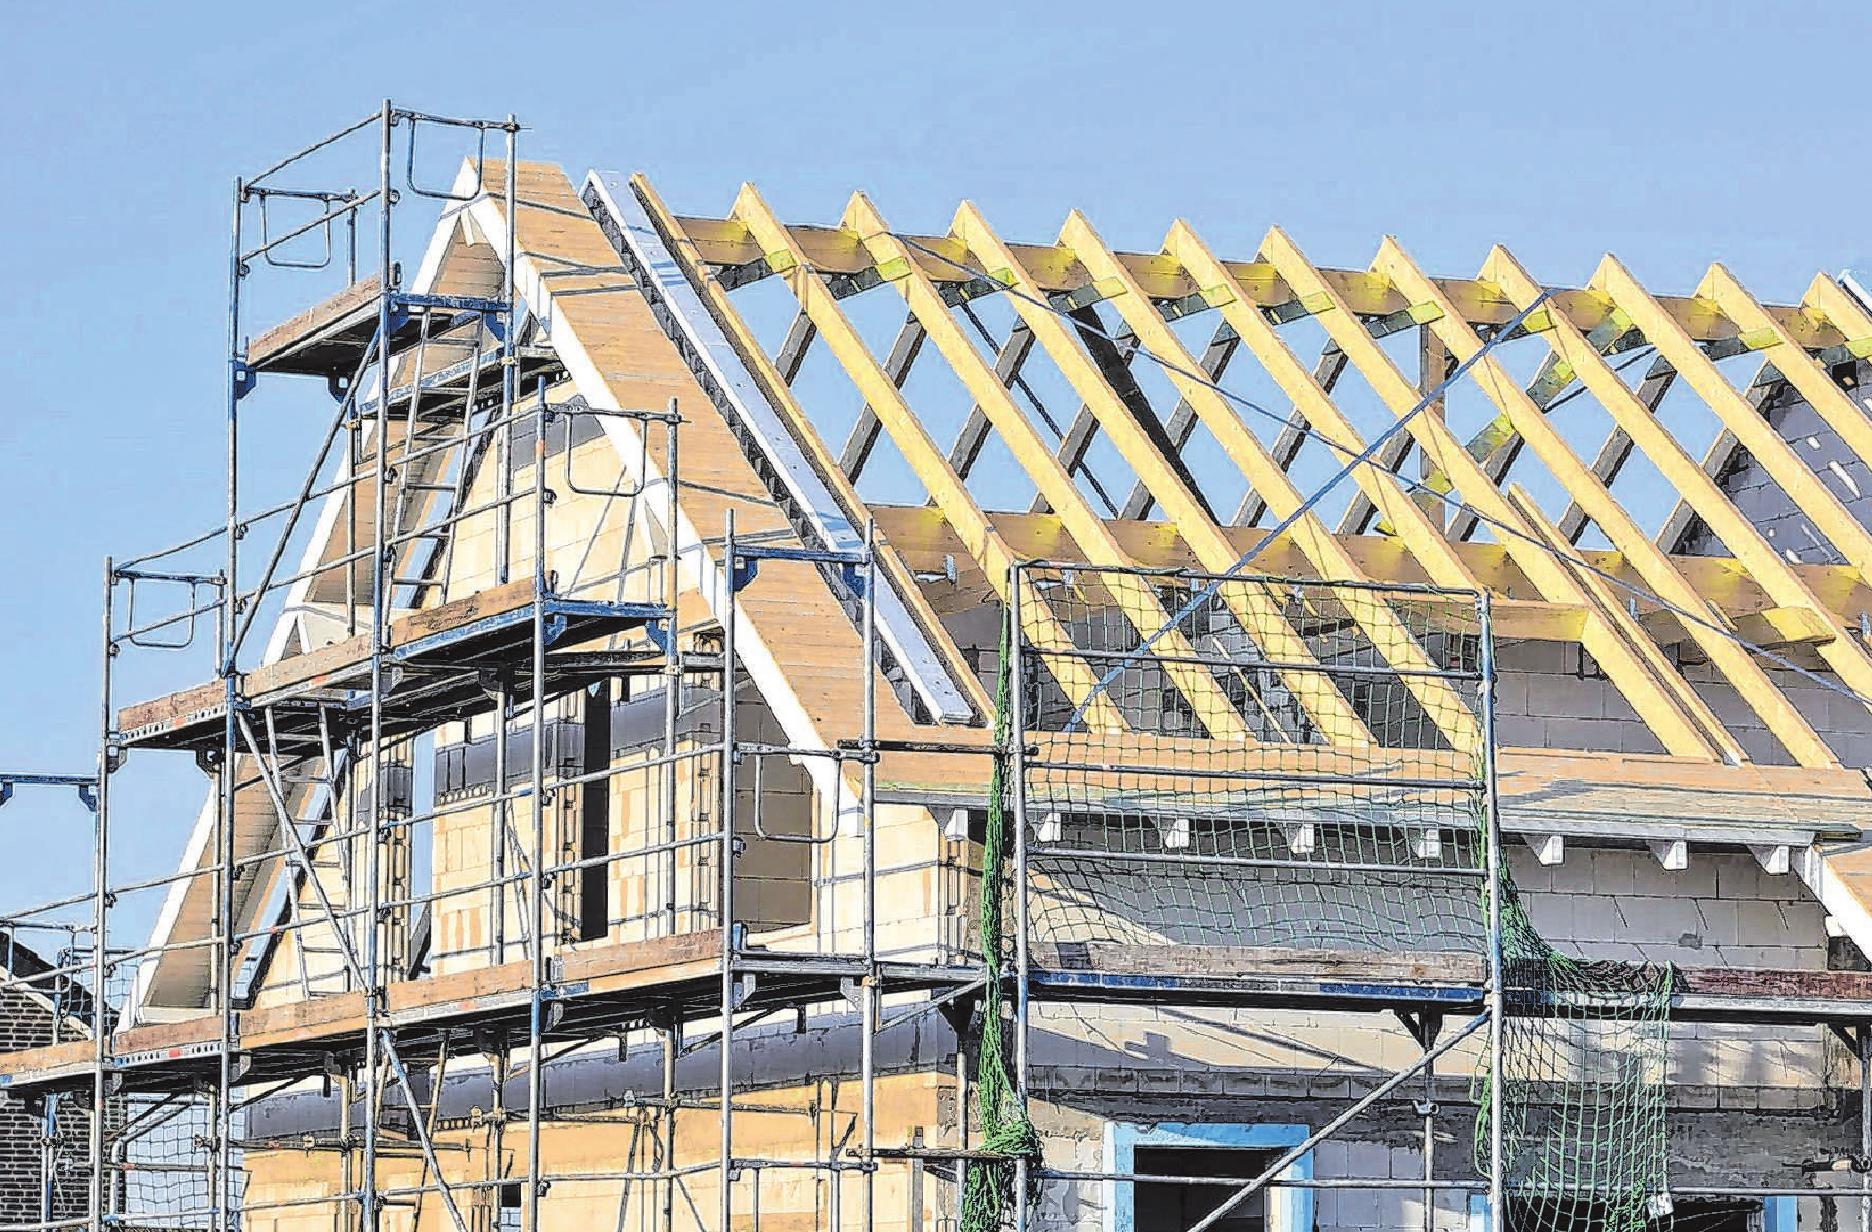 Das Dach dämmen – aber wie? Natürliche Materialien sind nicht immer die ökologisch sinnvolle Lösung, wenn es um Dämmleistung, schlanke Dachaufbauten und Langlebigkeit geht. Foto: djd/Paul Bauder/acilo-Getty Images